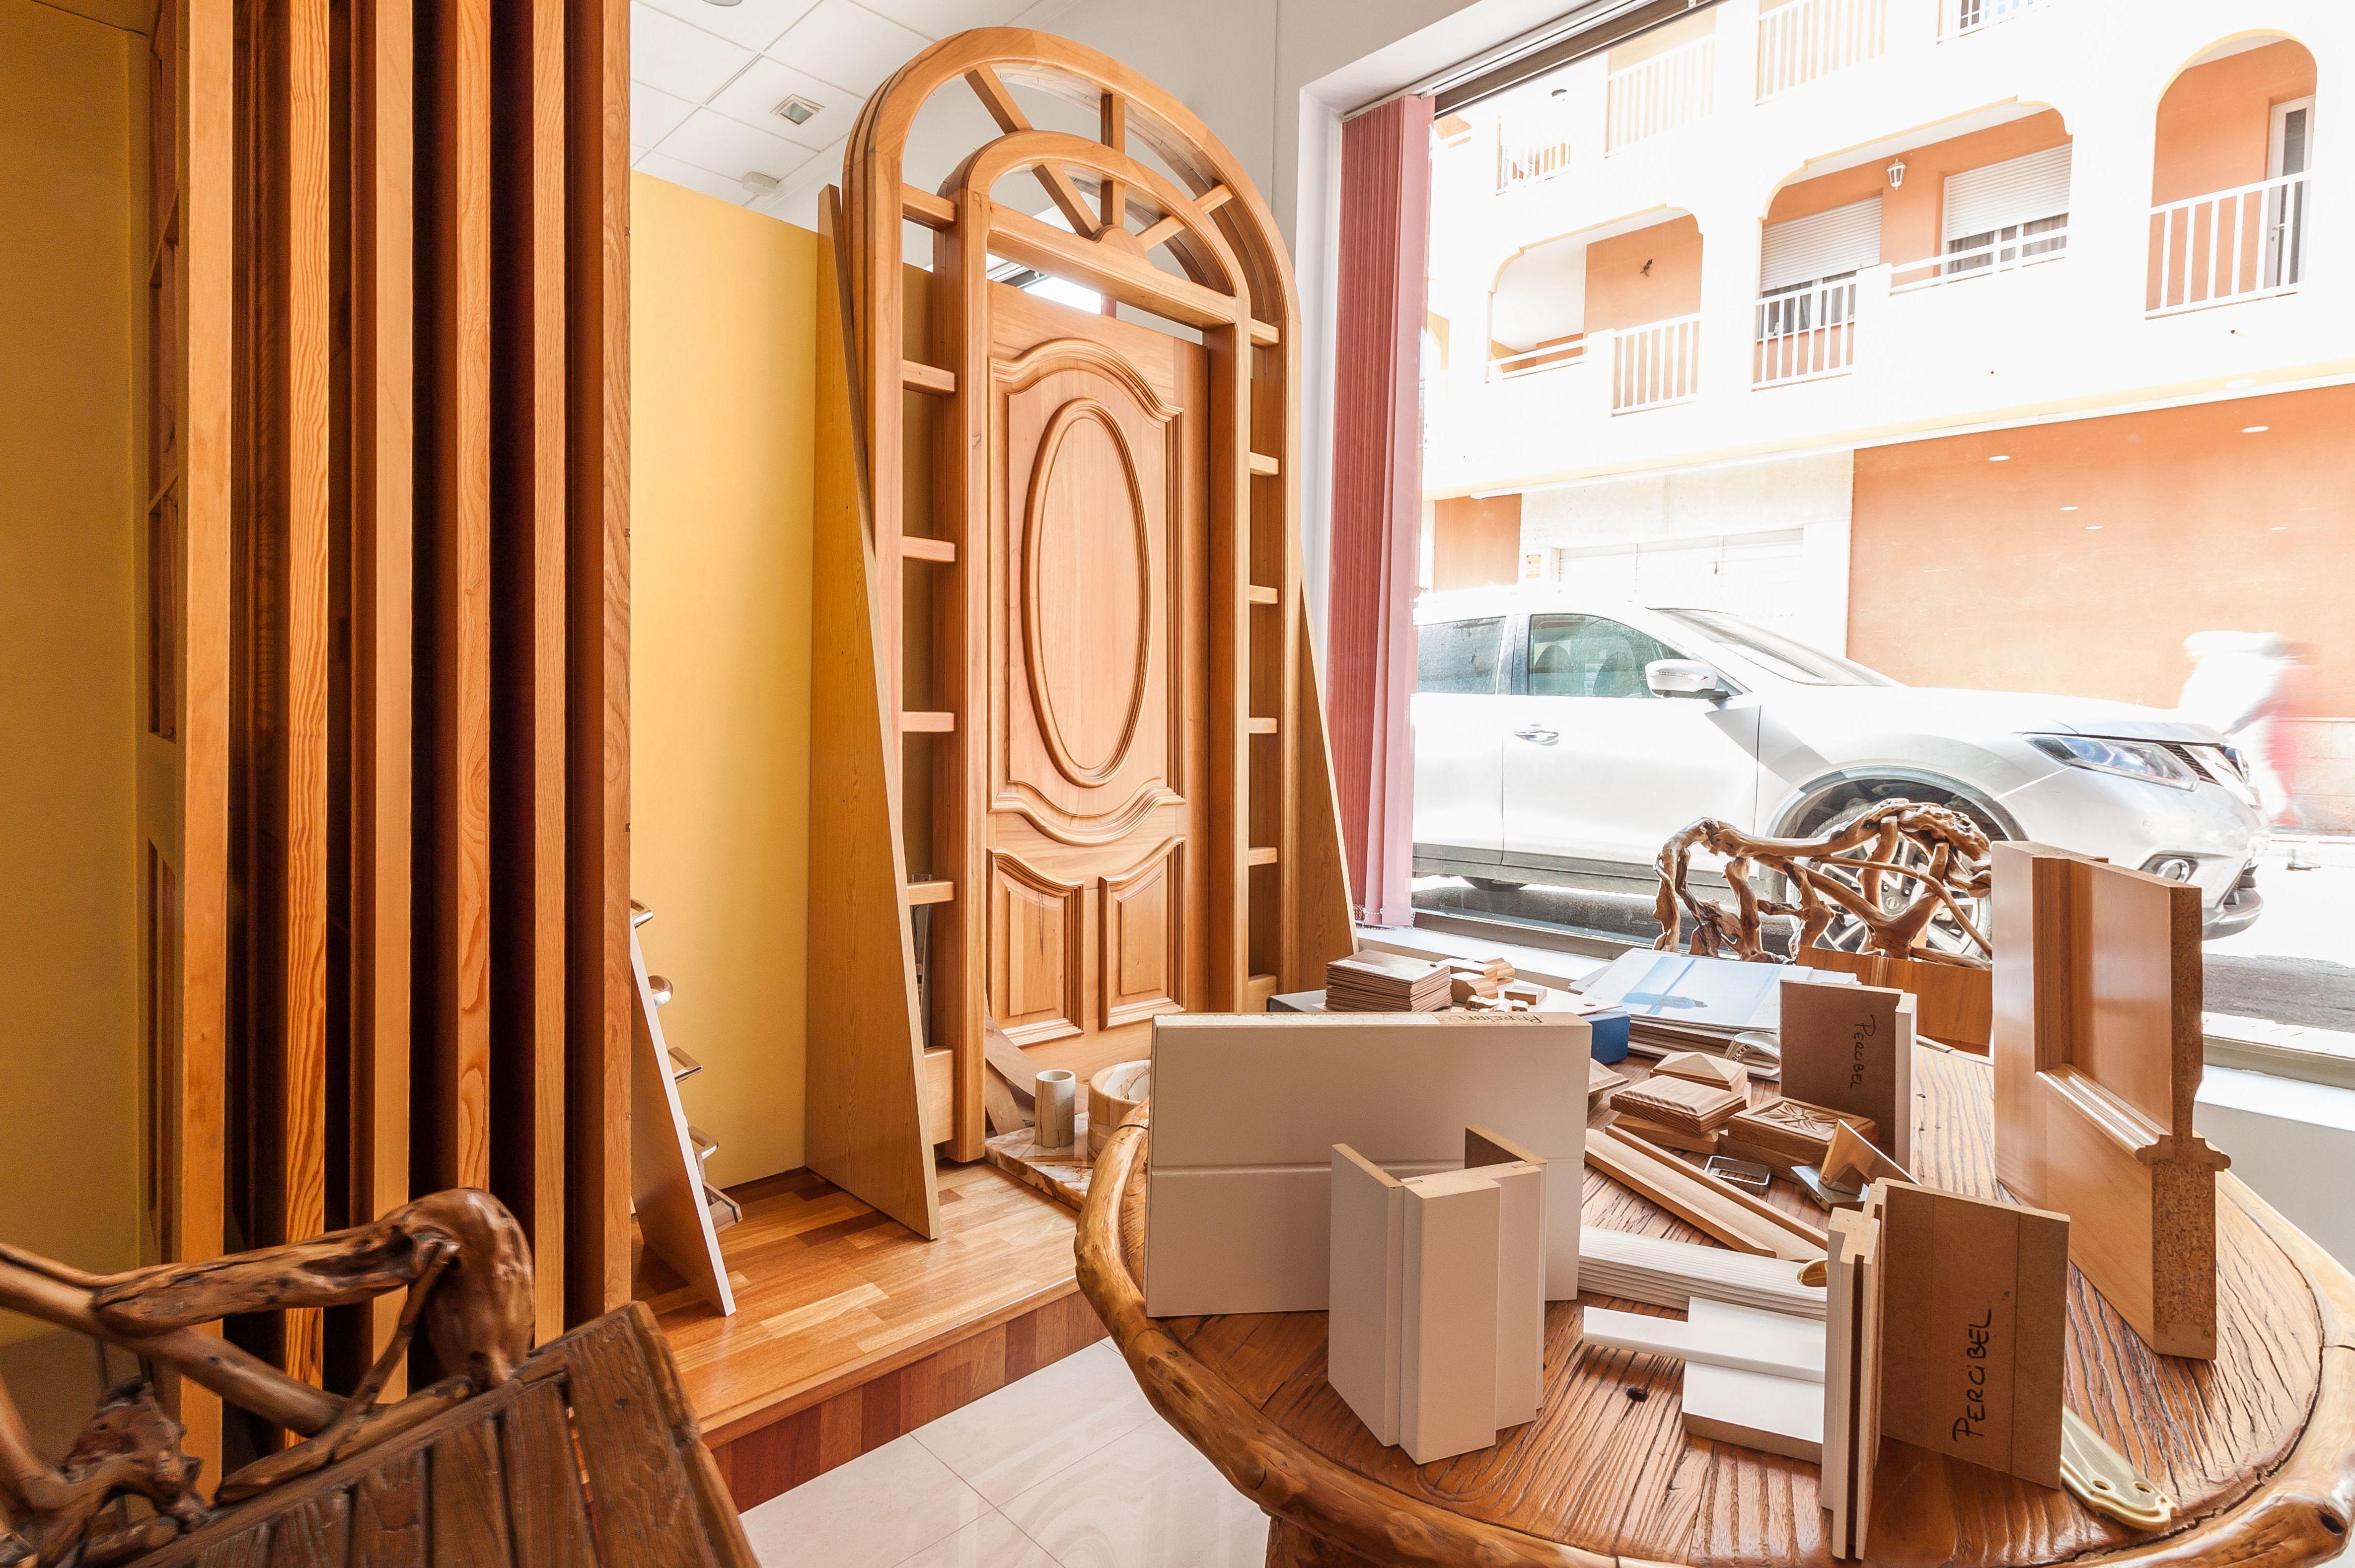 Puertas de madera a medida en Mazarrón